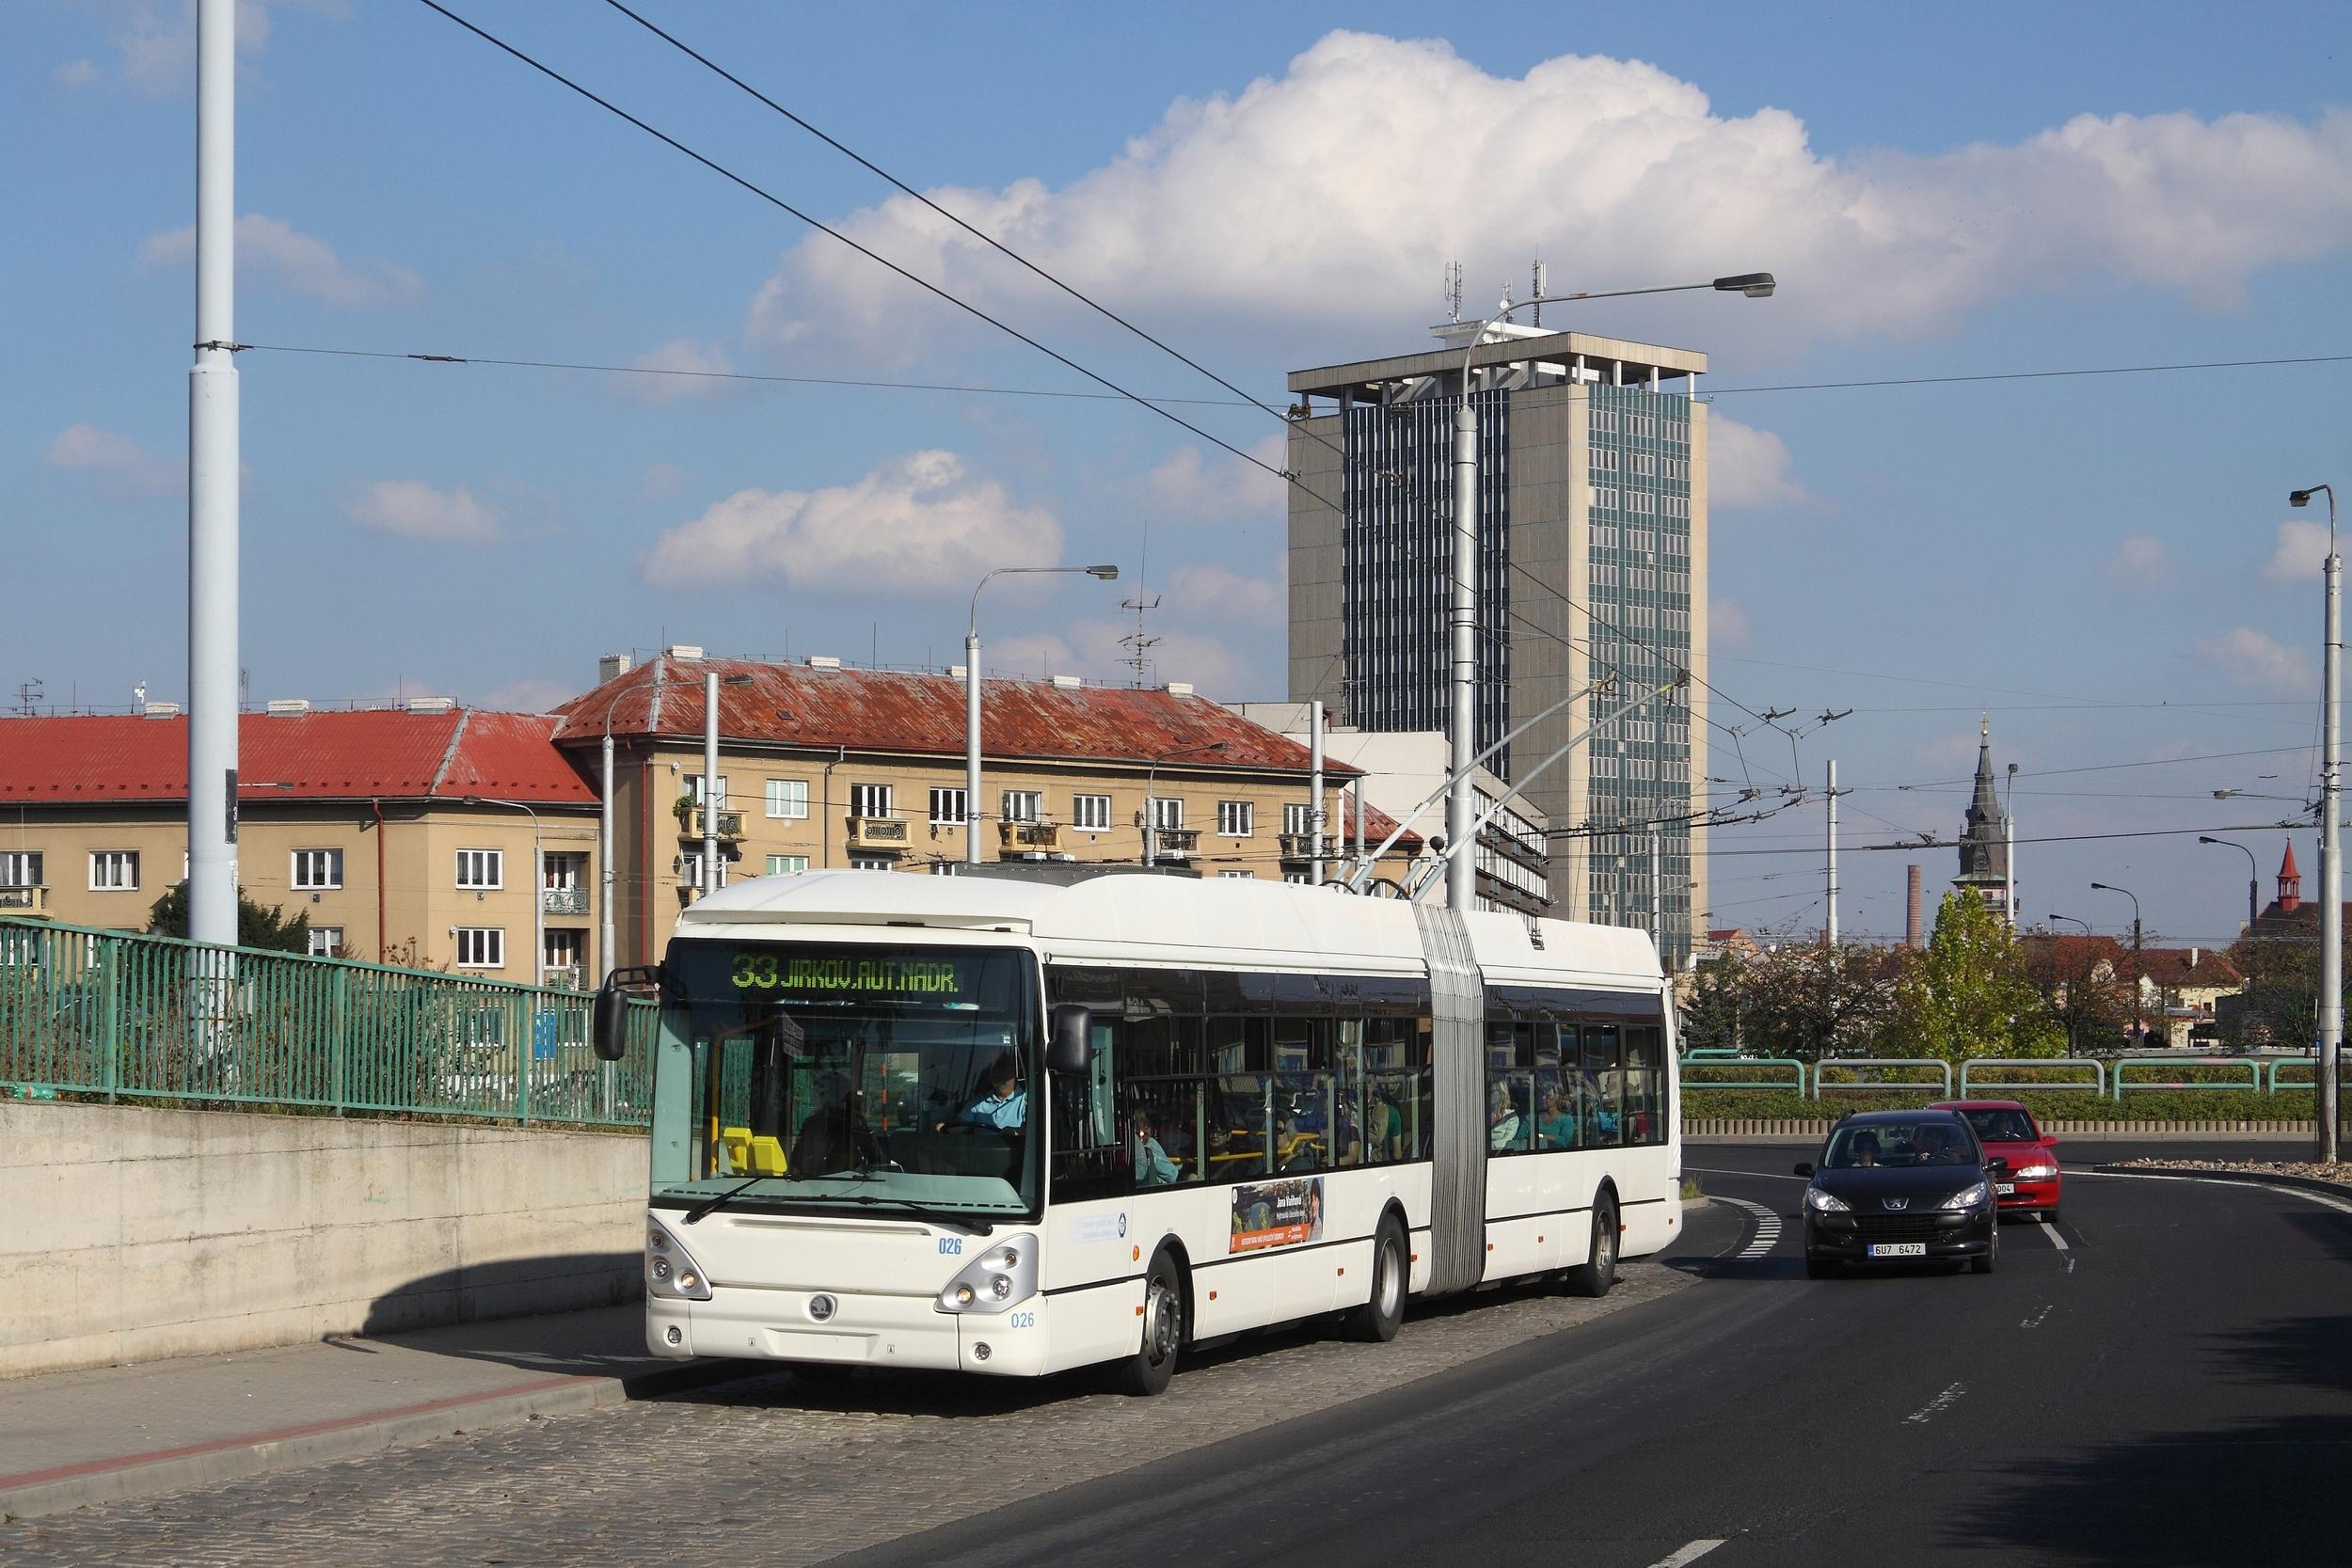 Nejmodernější trolejbus u DPCHJ pochází z roku 2009. Jedná se o vůz Škoda 25 Tr Irisbus (foto: Petr Nevyhoštěný)